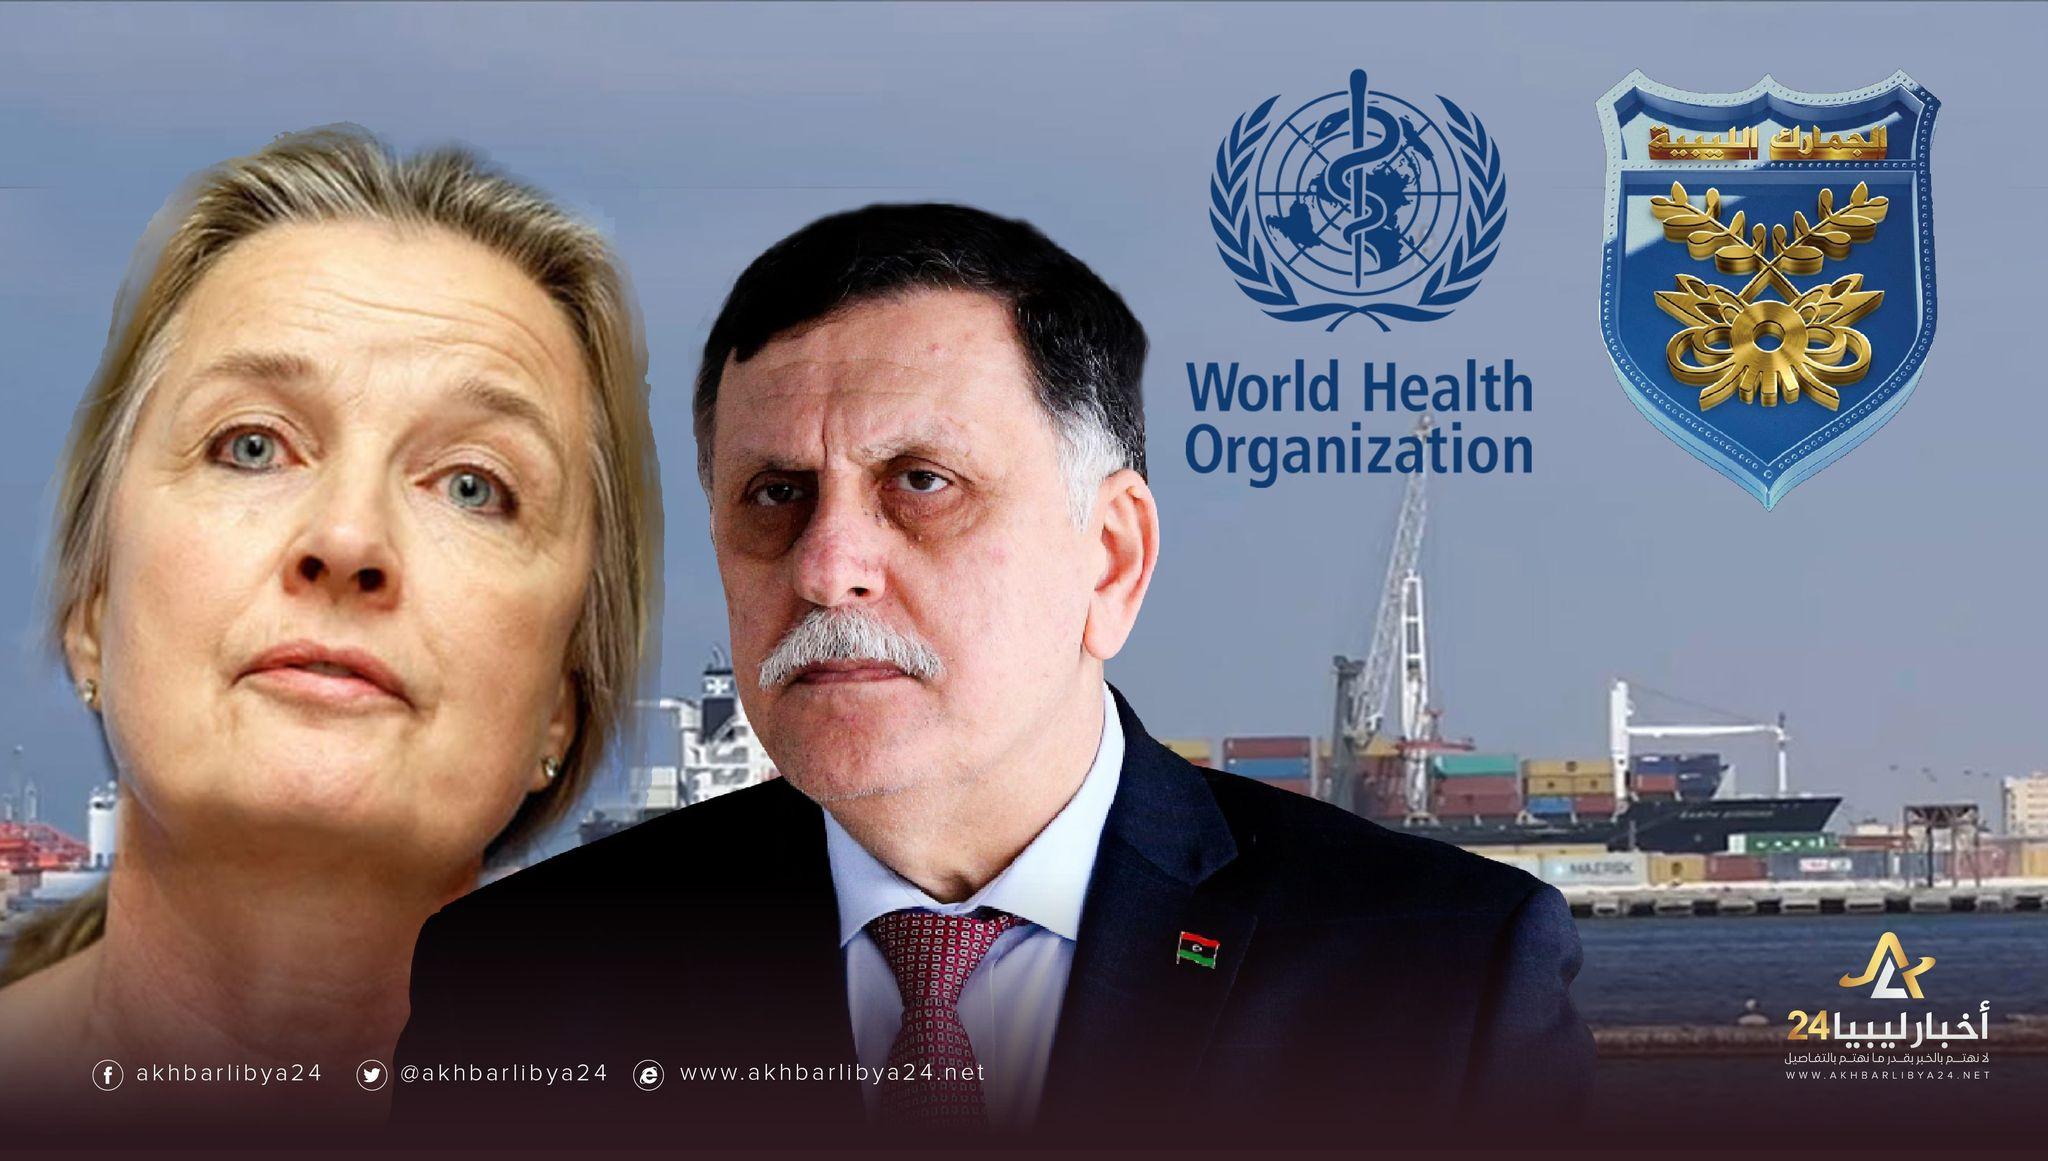 صورة إمدادات الصحة العالمية في ليبيا بين مماطلة الجمارك وسطو المليشيات